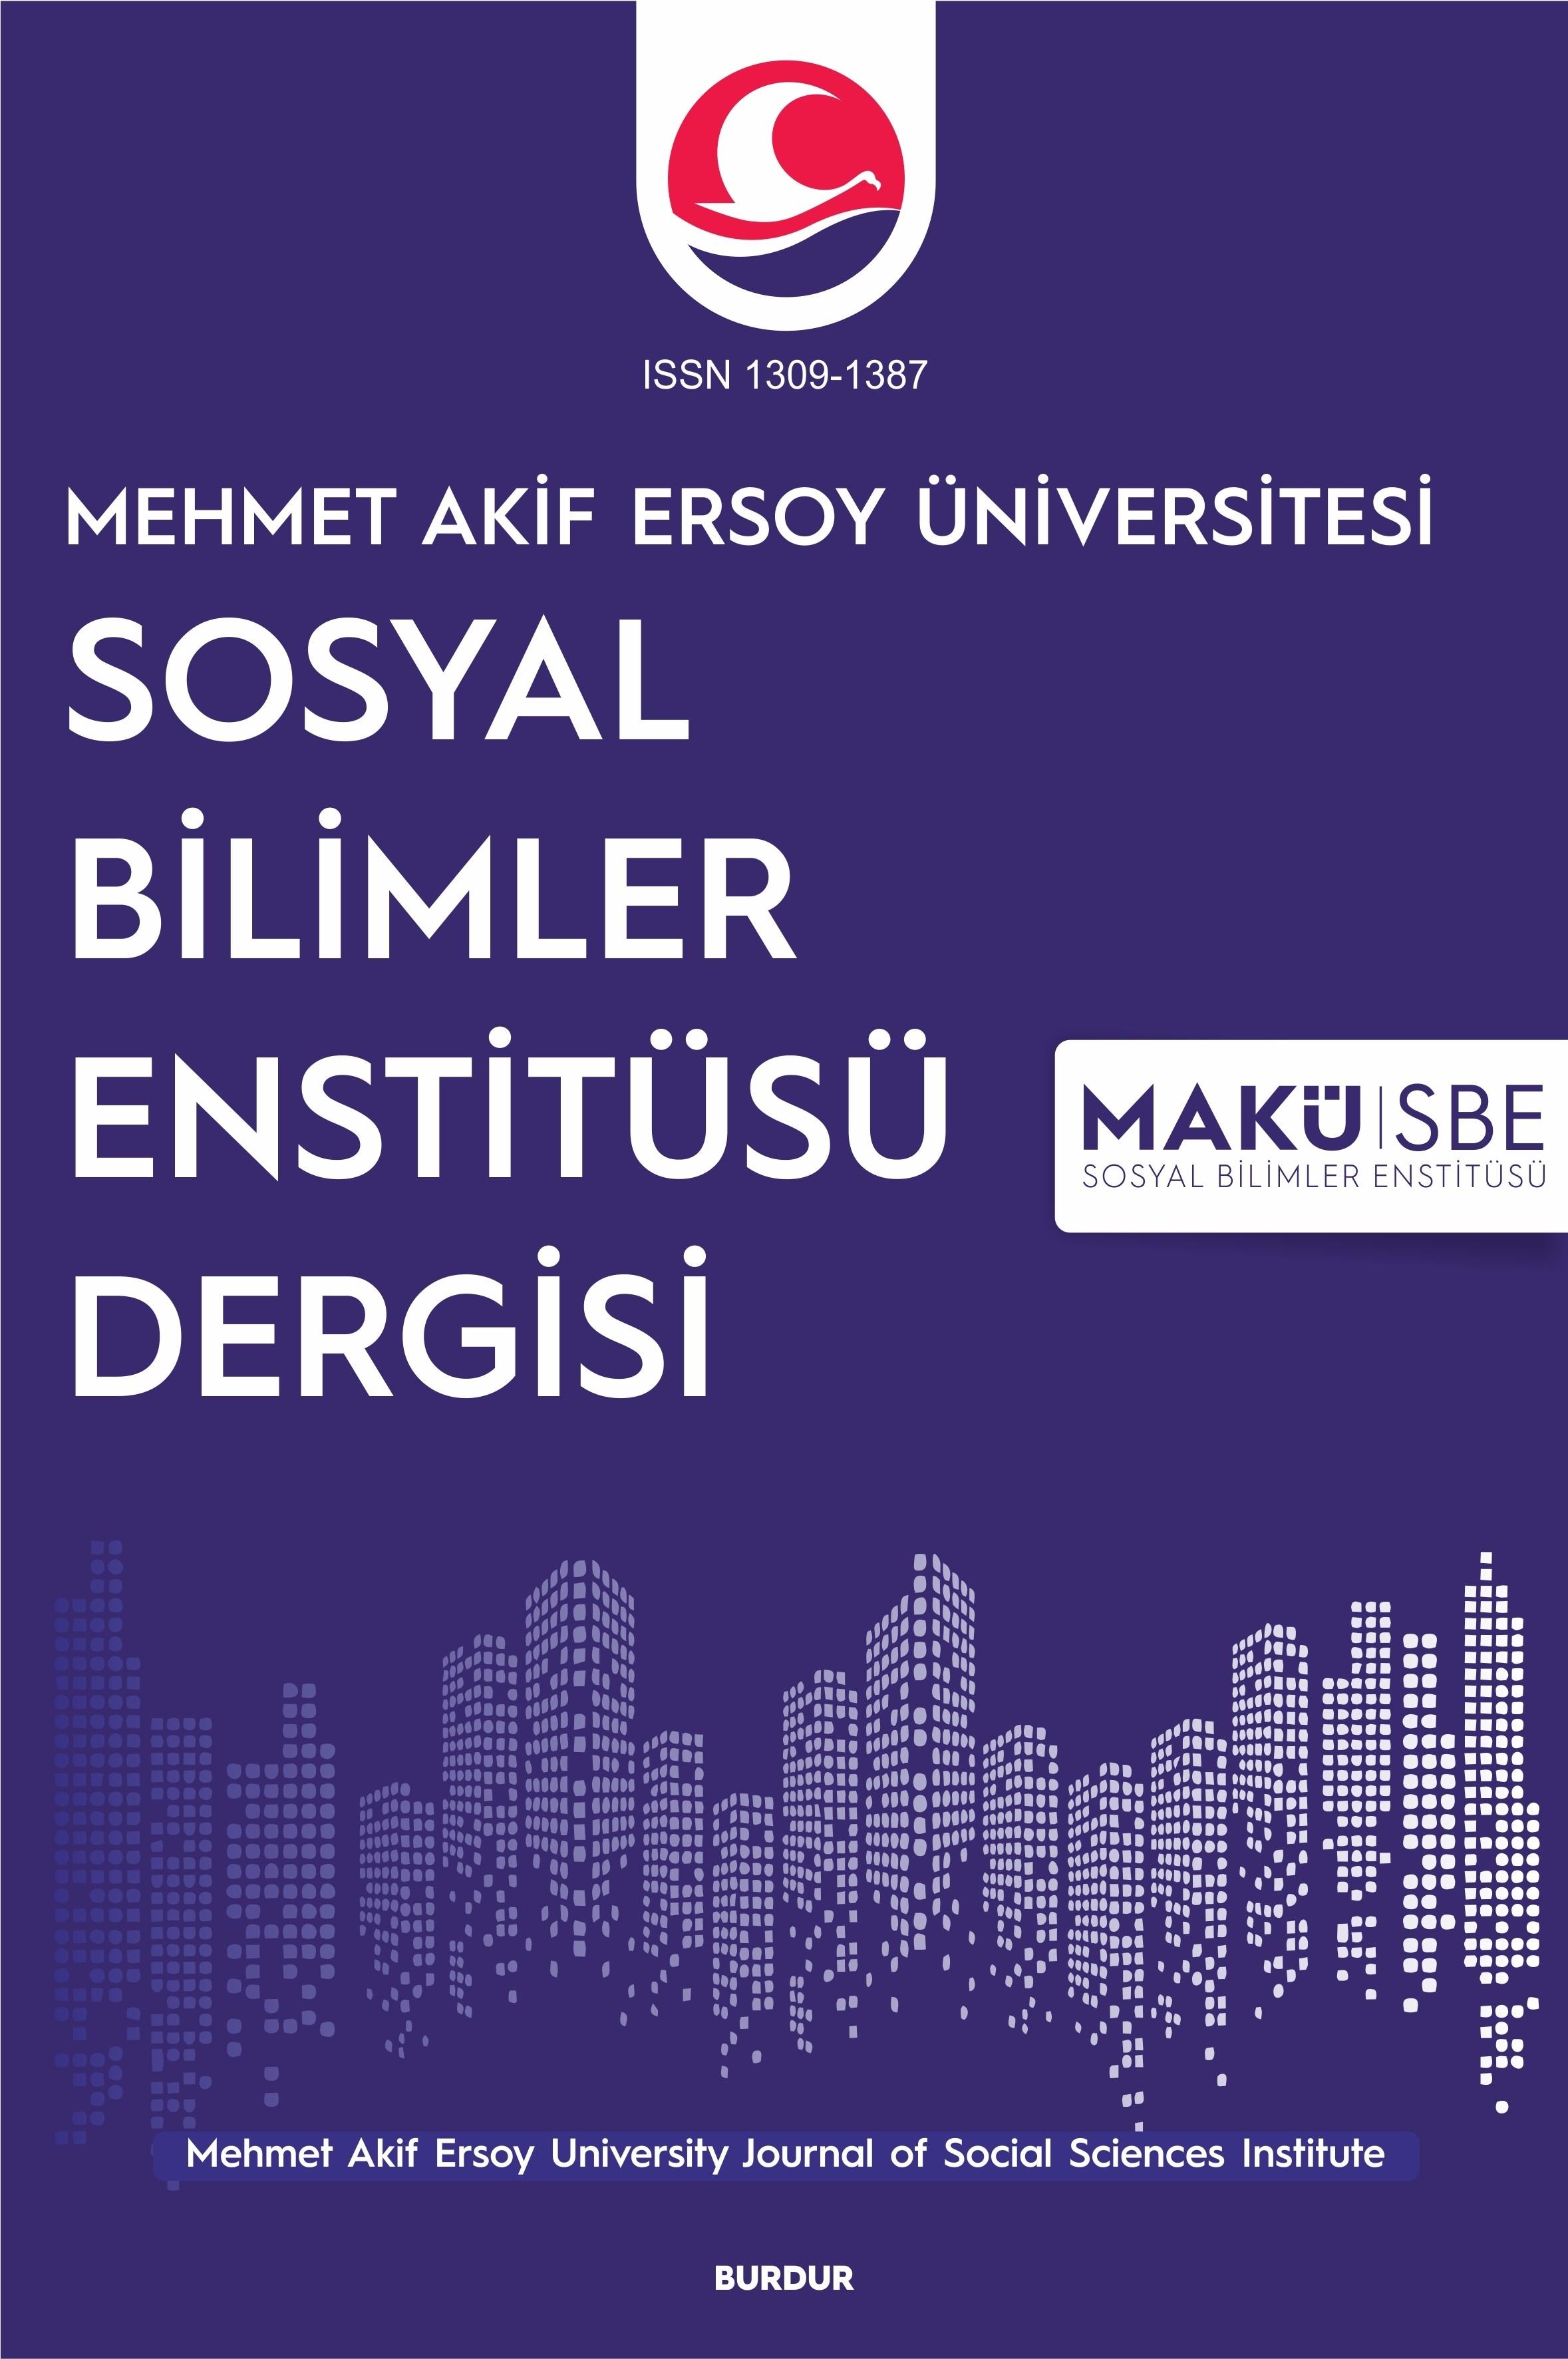 Mehmet Akif Ersoy Üniversitesi Sosyal Bilimler Enstitüsü Dergisi